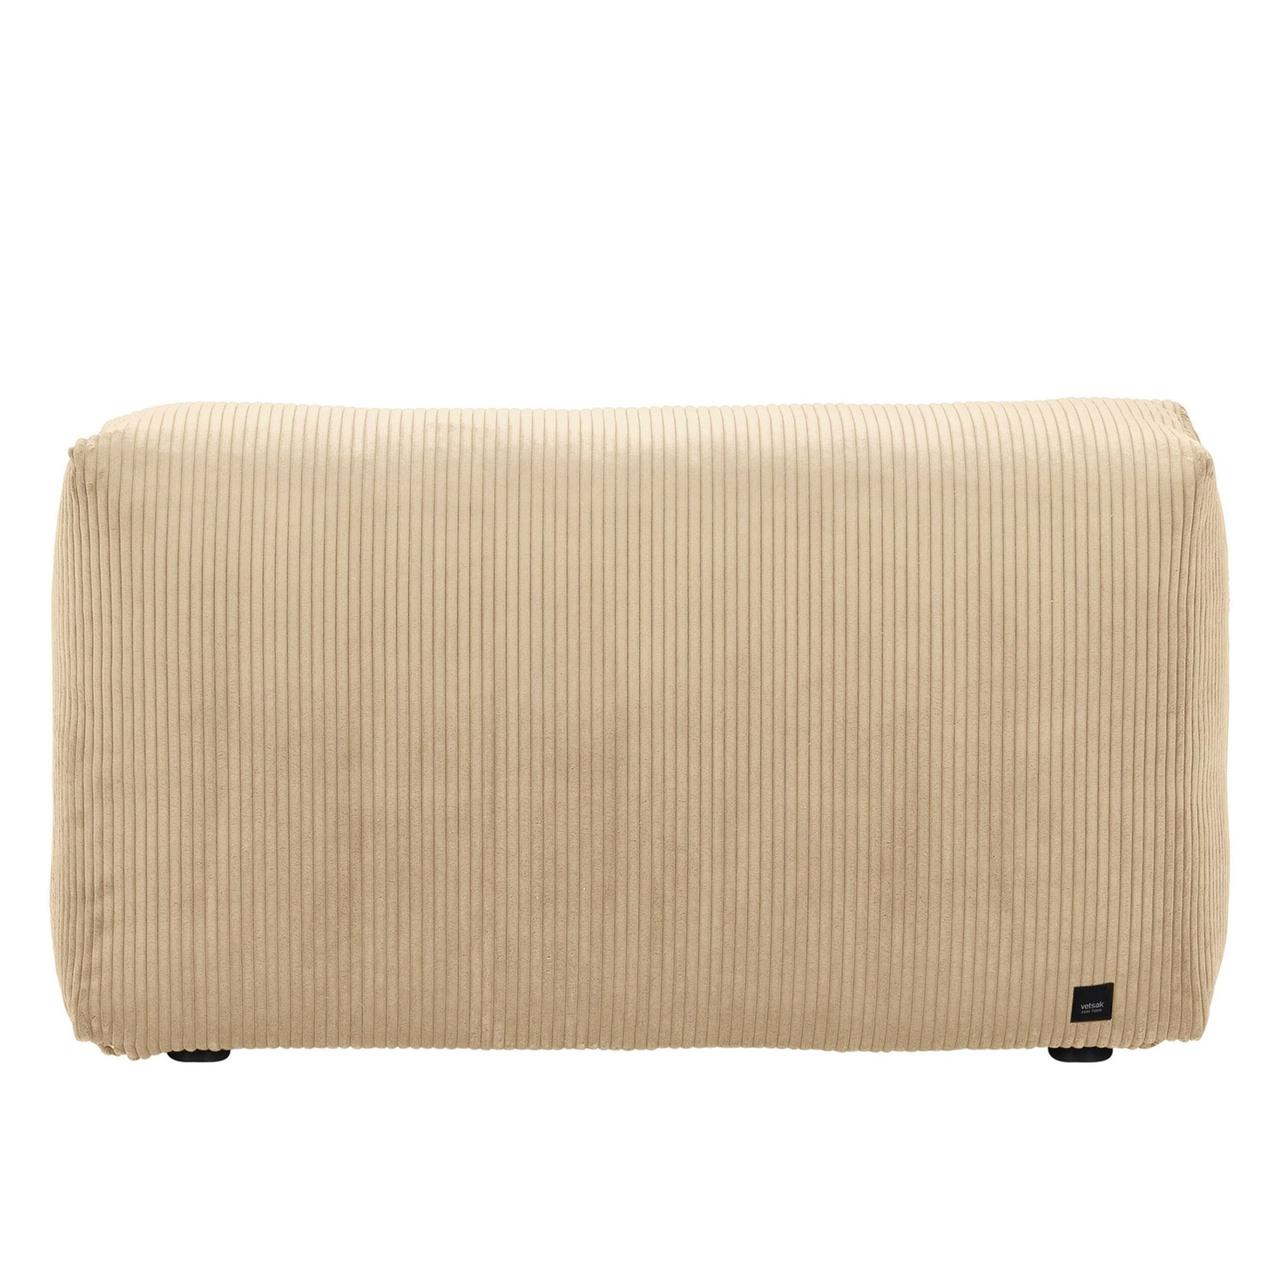 Vetsak Sofa Side Cord Velour - Sand